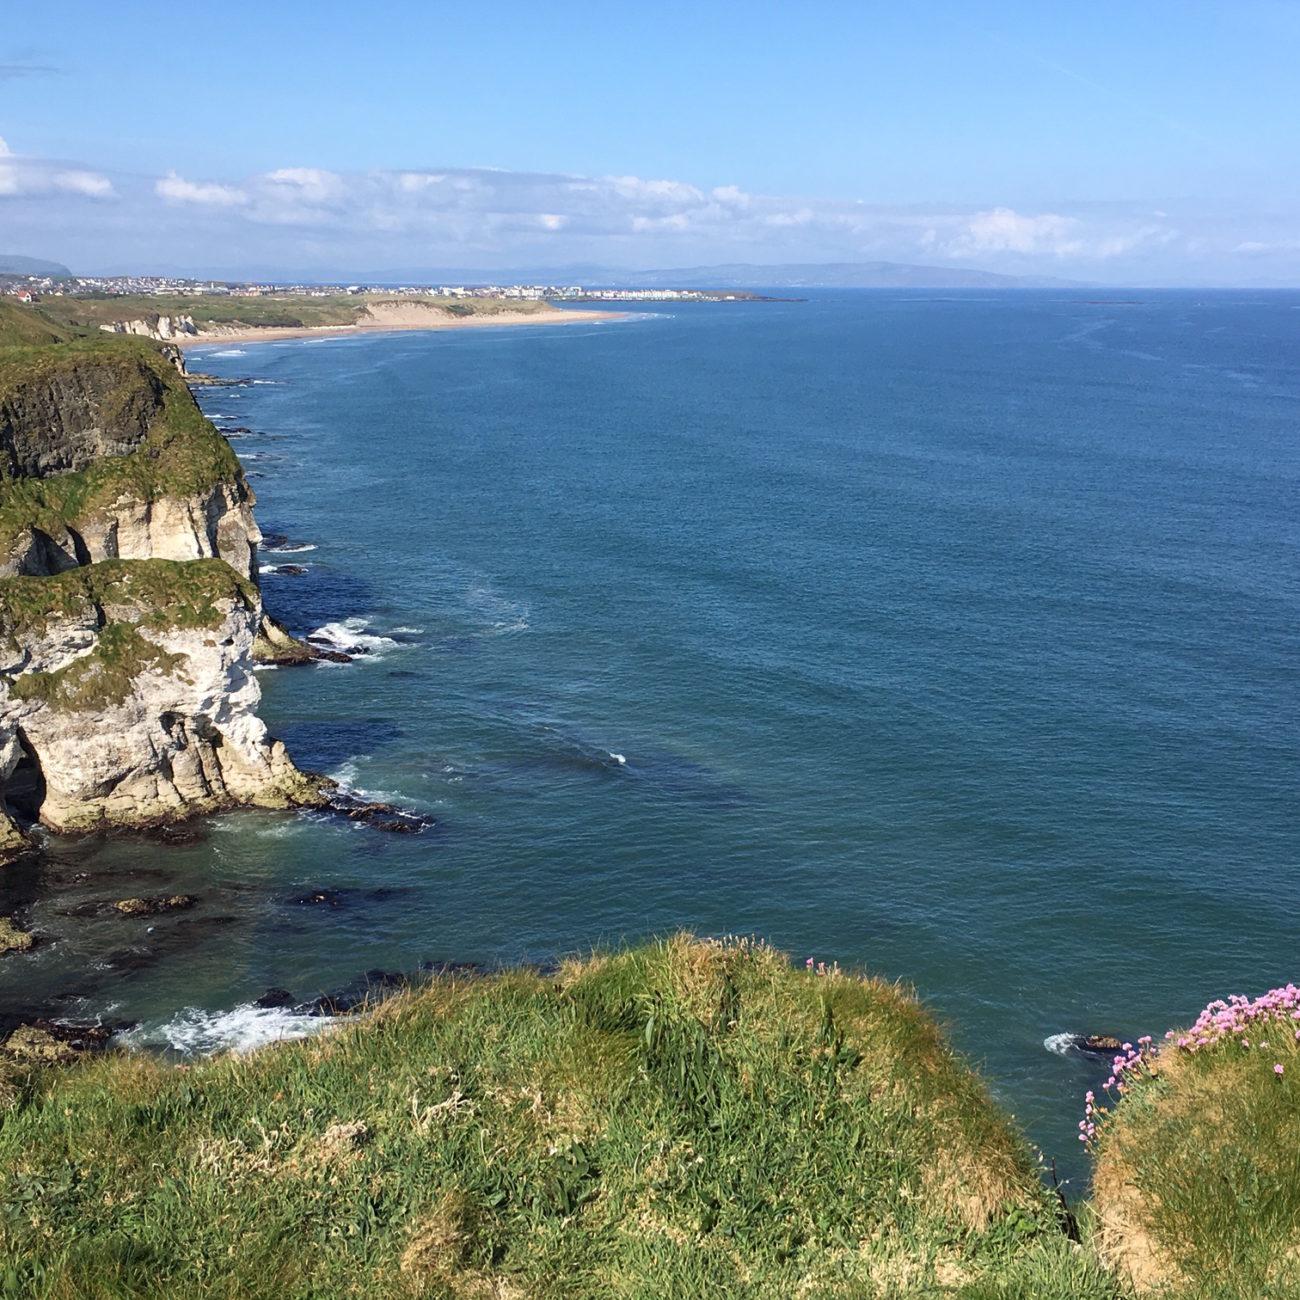 Een foto langs de grillige kustlijn